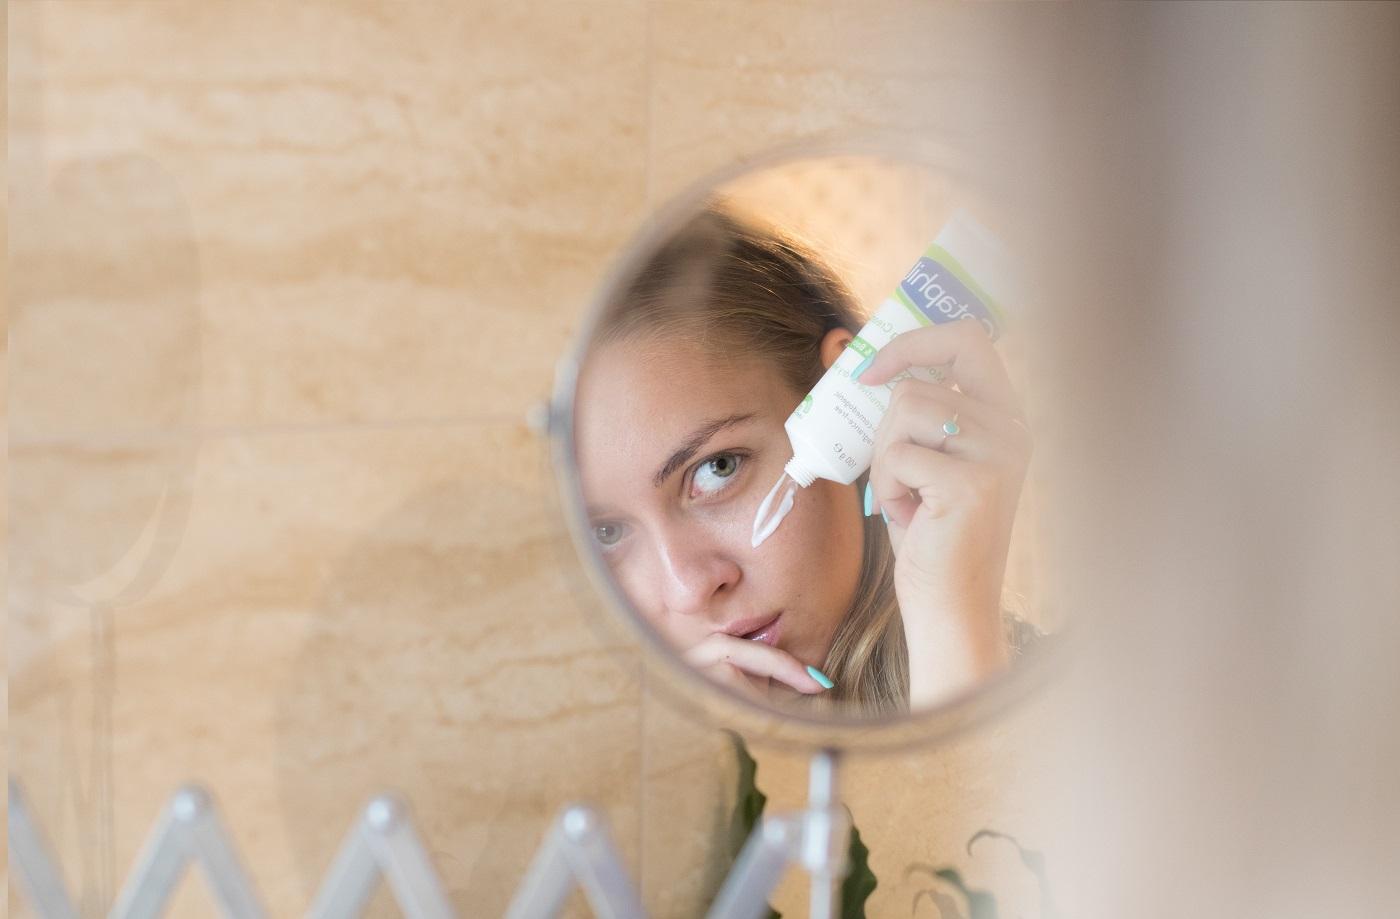 hogyan kell kezelni a pikkelysömör képeket pikkelysömör okozza kezelés fotó